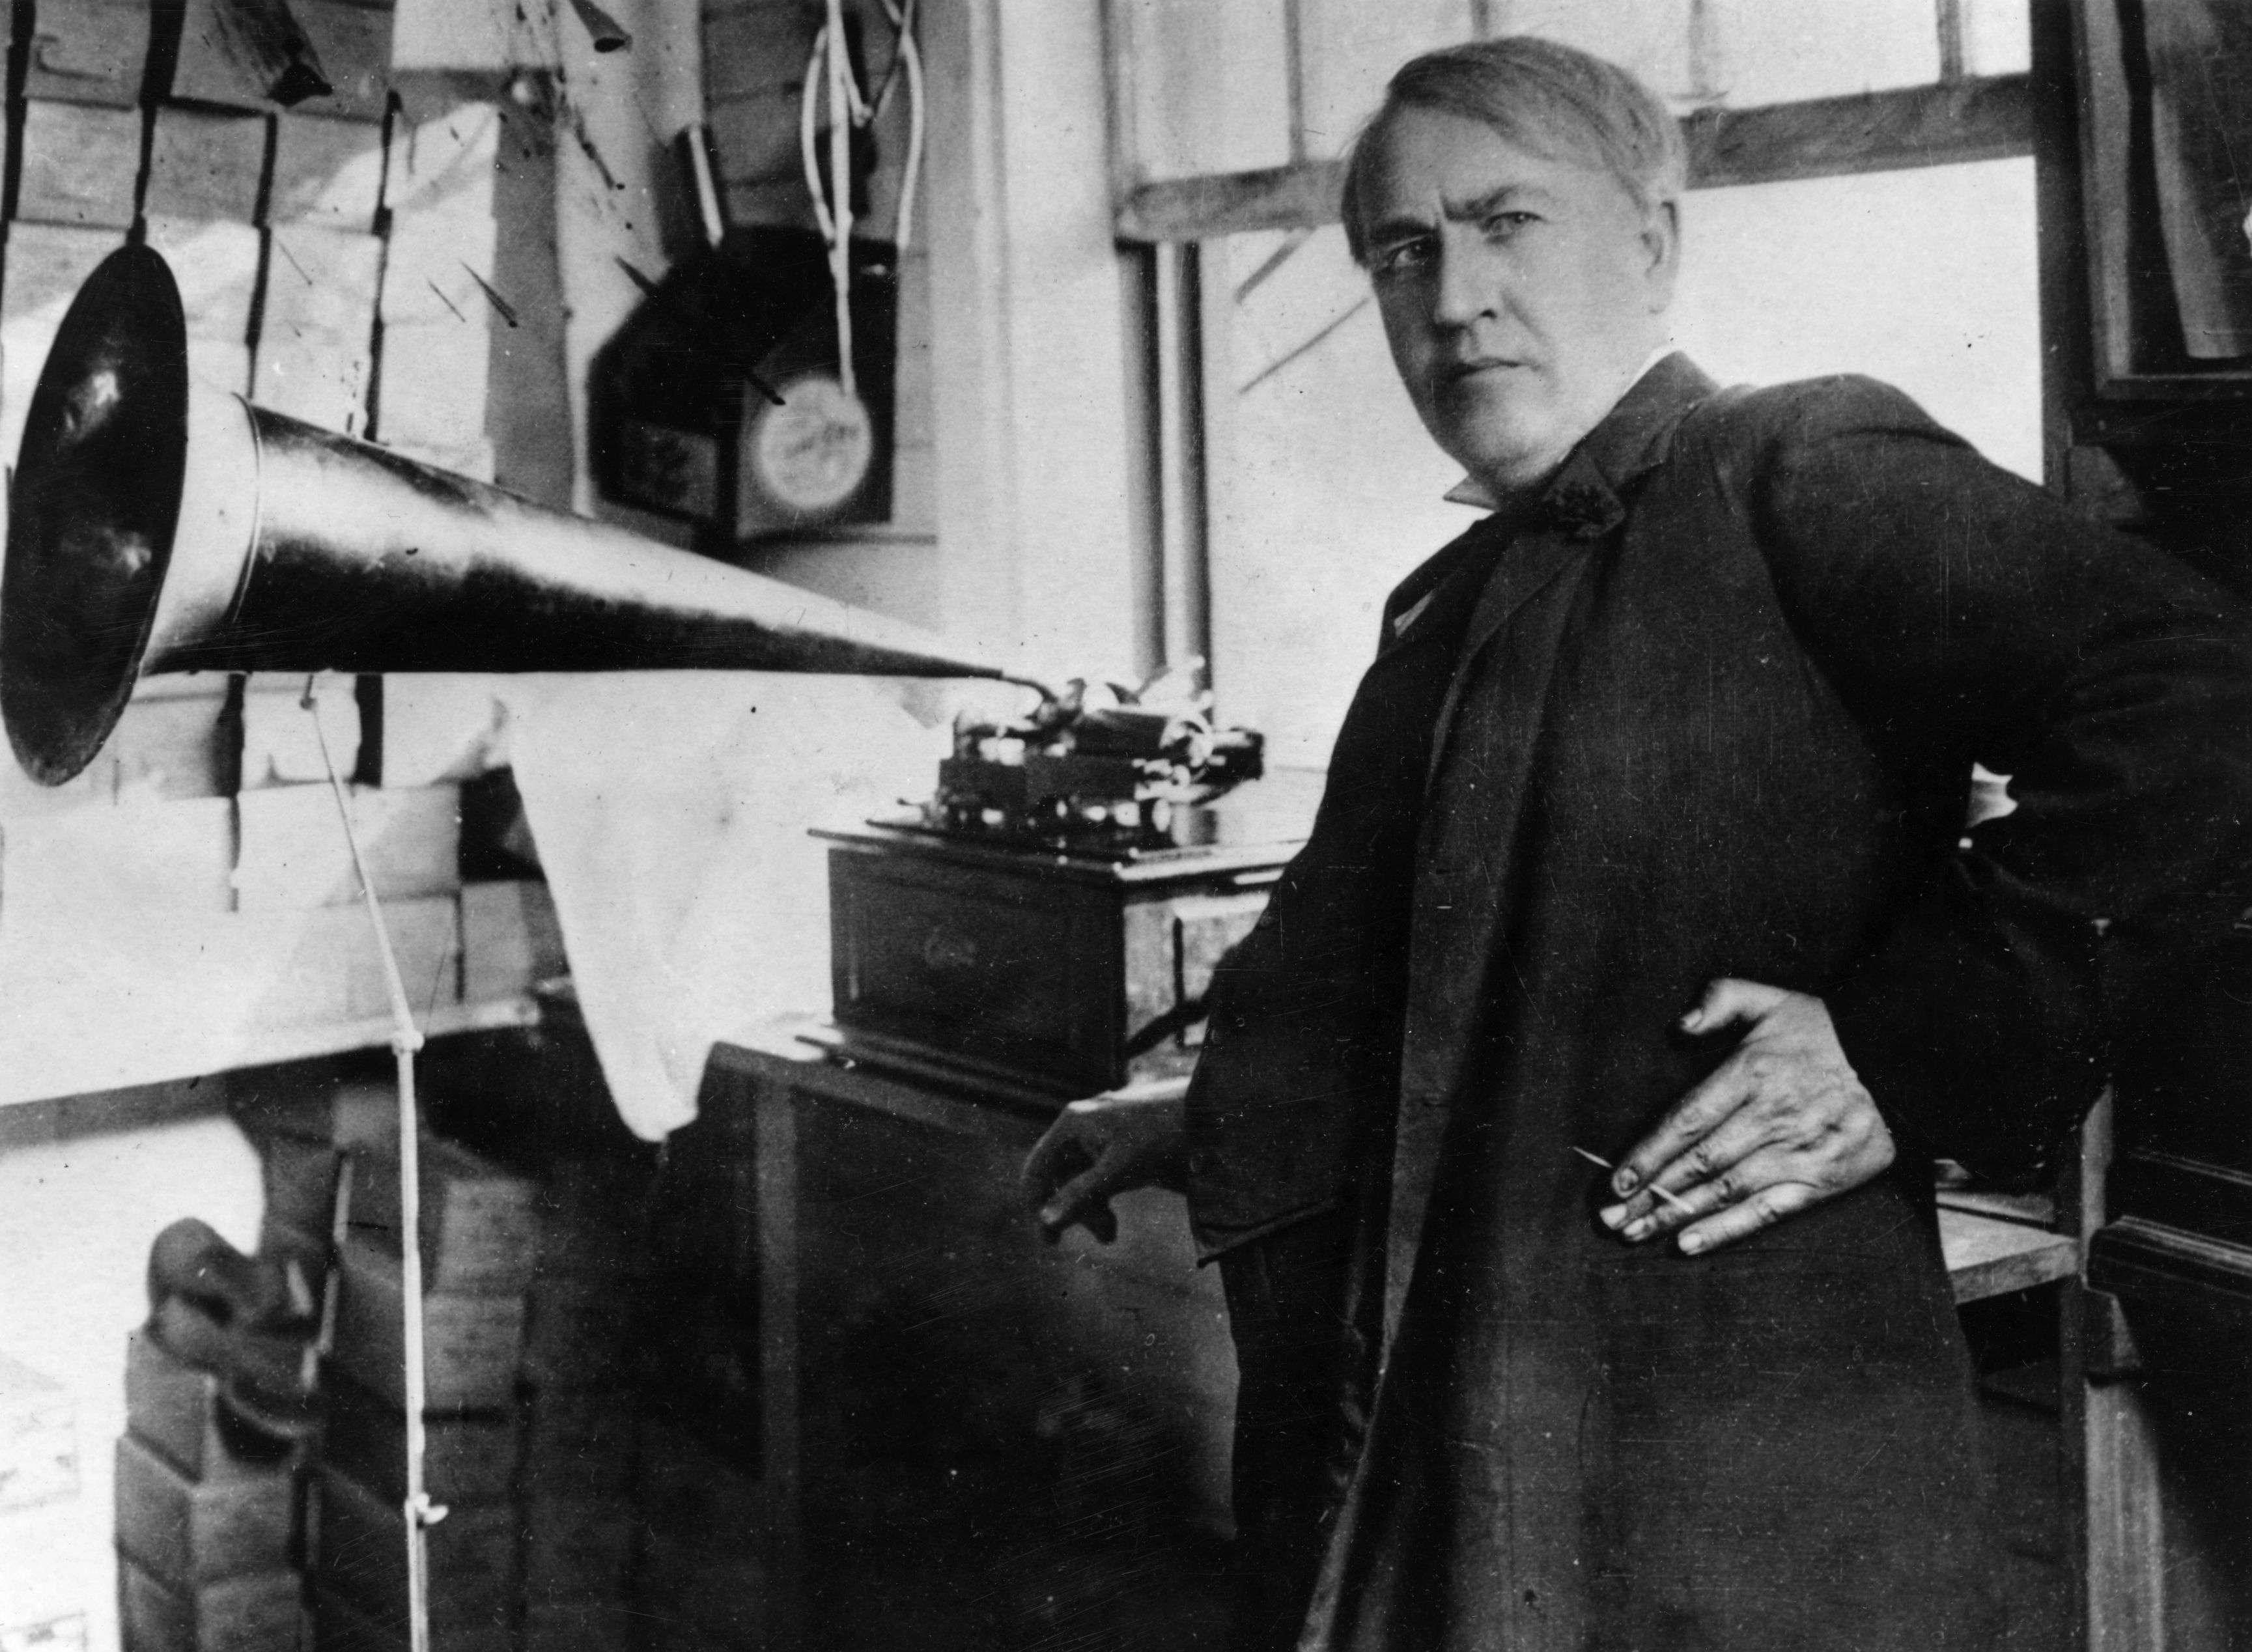 Thomas Edison ao lado de uma de suas maiores invenções, o fonógrafo, primeiro aparelho da história capaz de gravar e reproduzir sons Foto: Hulton Archive/Stringer/Getty Images